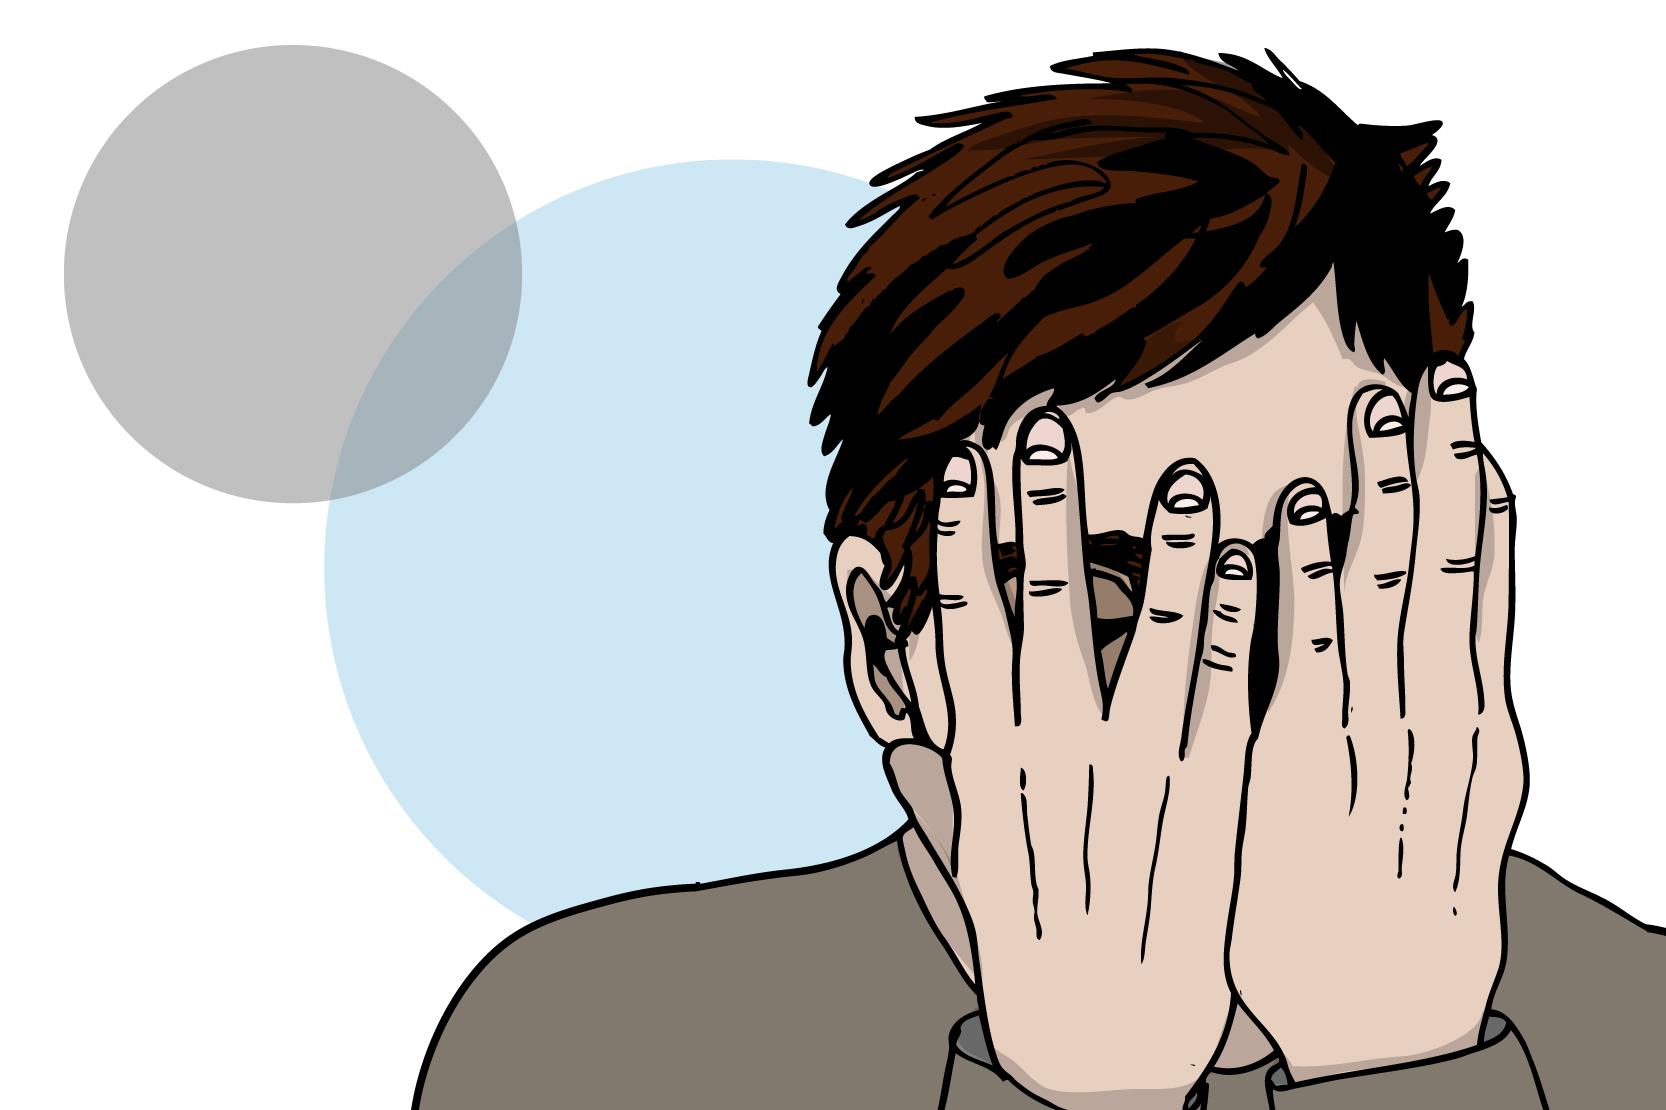 En person som blundar och gömmer ansiktet i sina händer. Illustration.